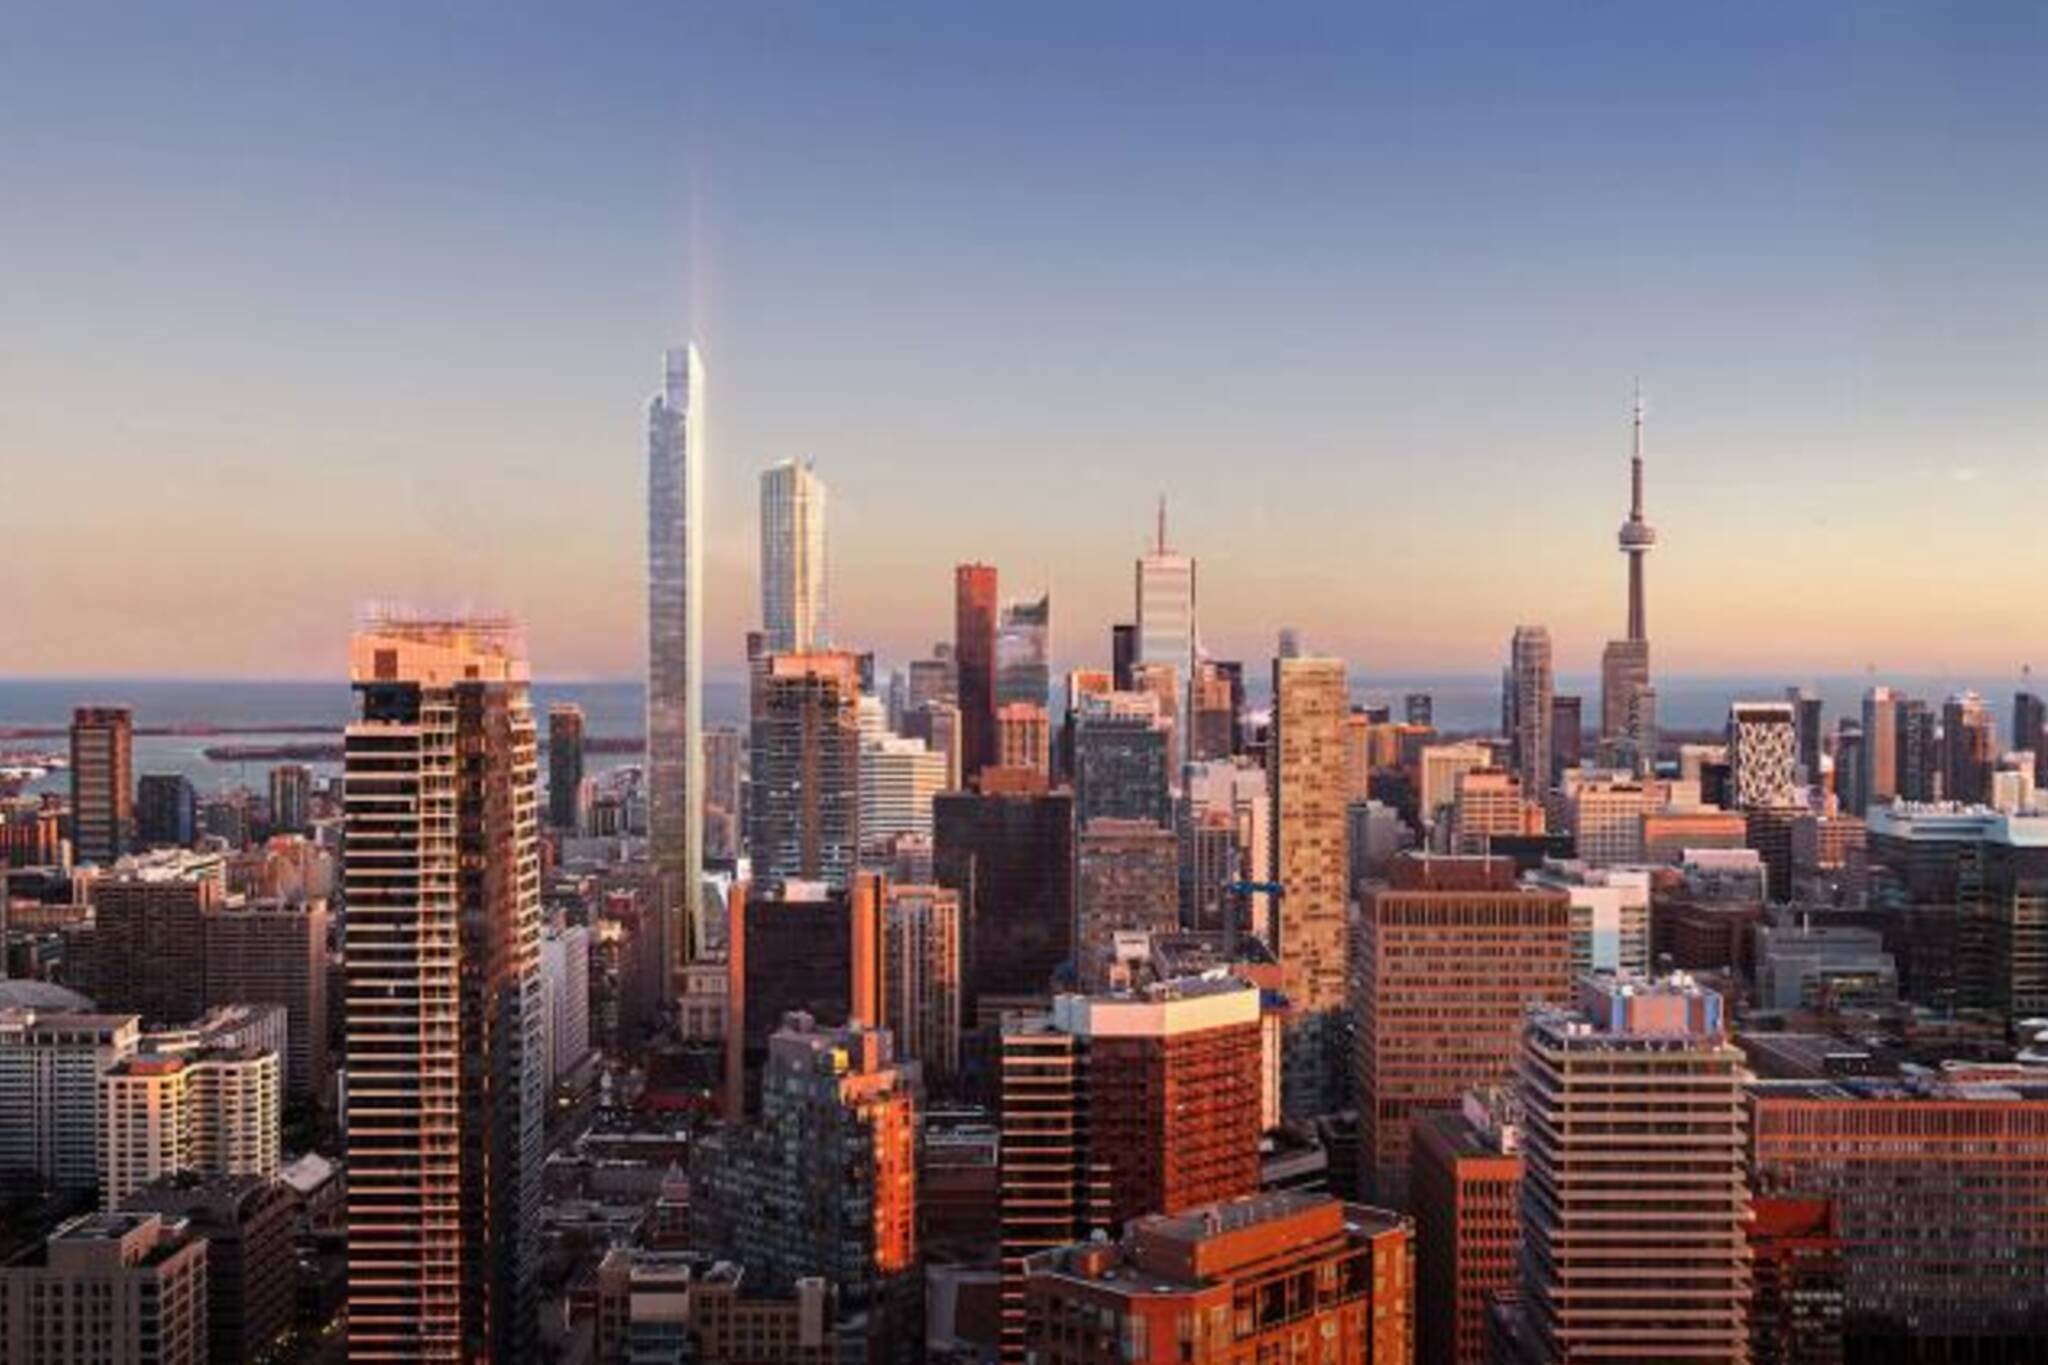 New Toronto skyscraper would be Canada's tallest condo